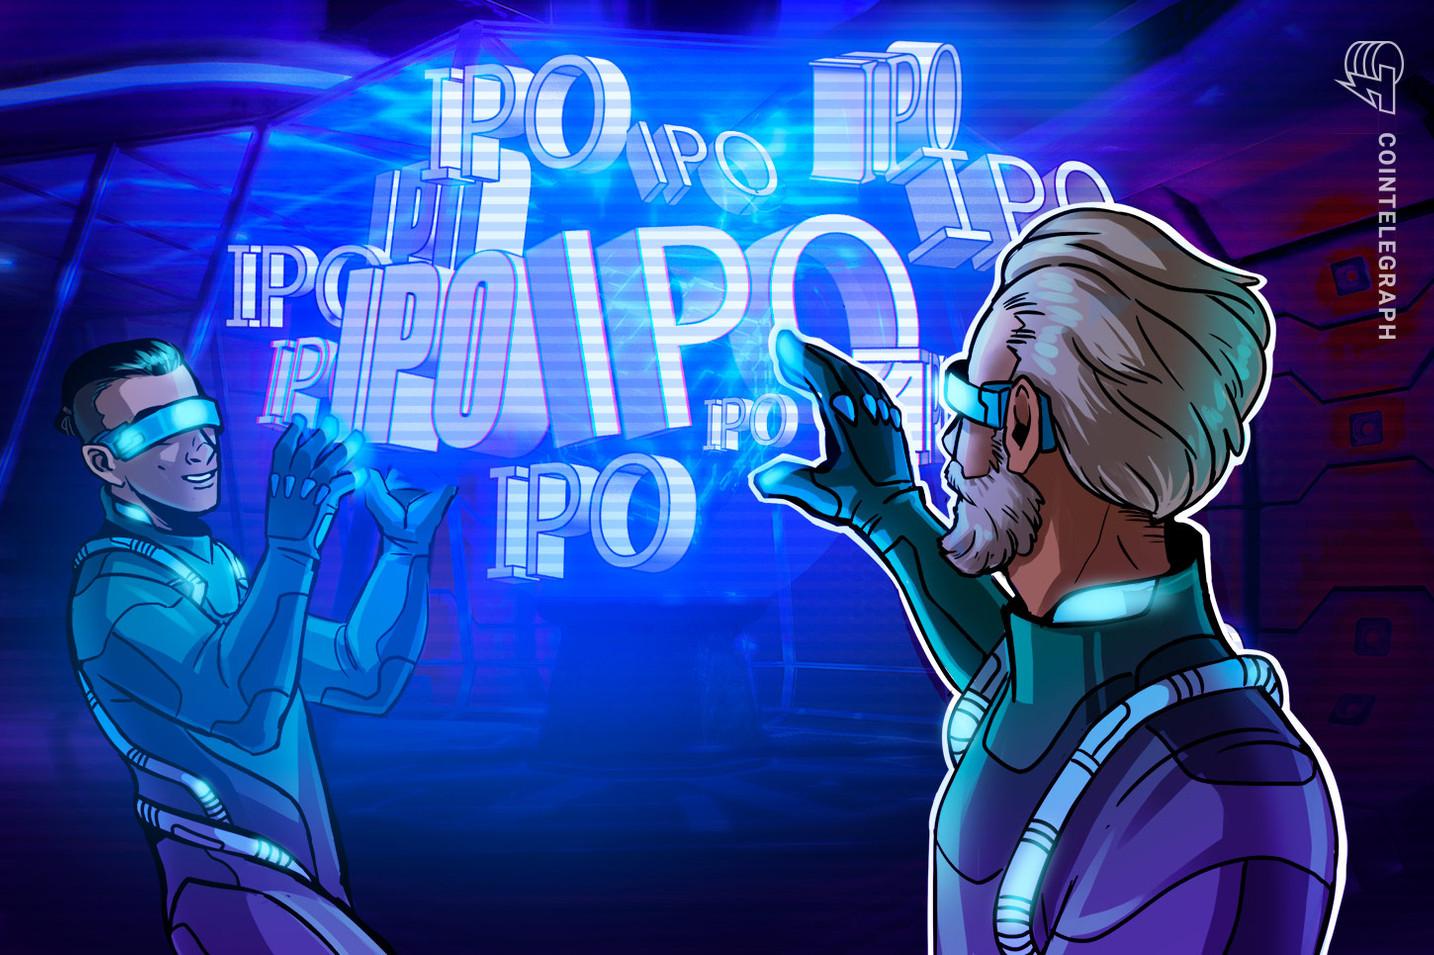 Bitmain muda planos de IPO para os EUA com o crescimento do otimismo no Bitcoin